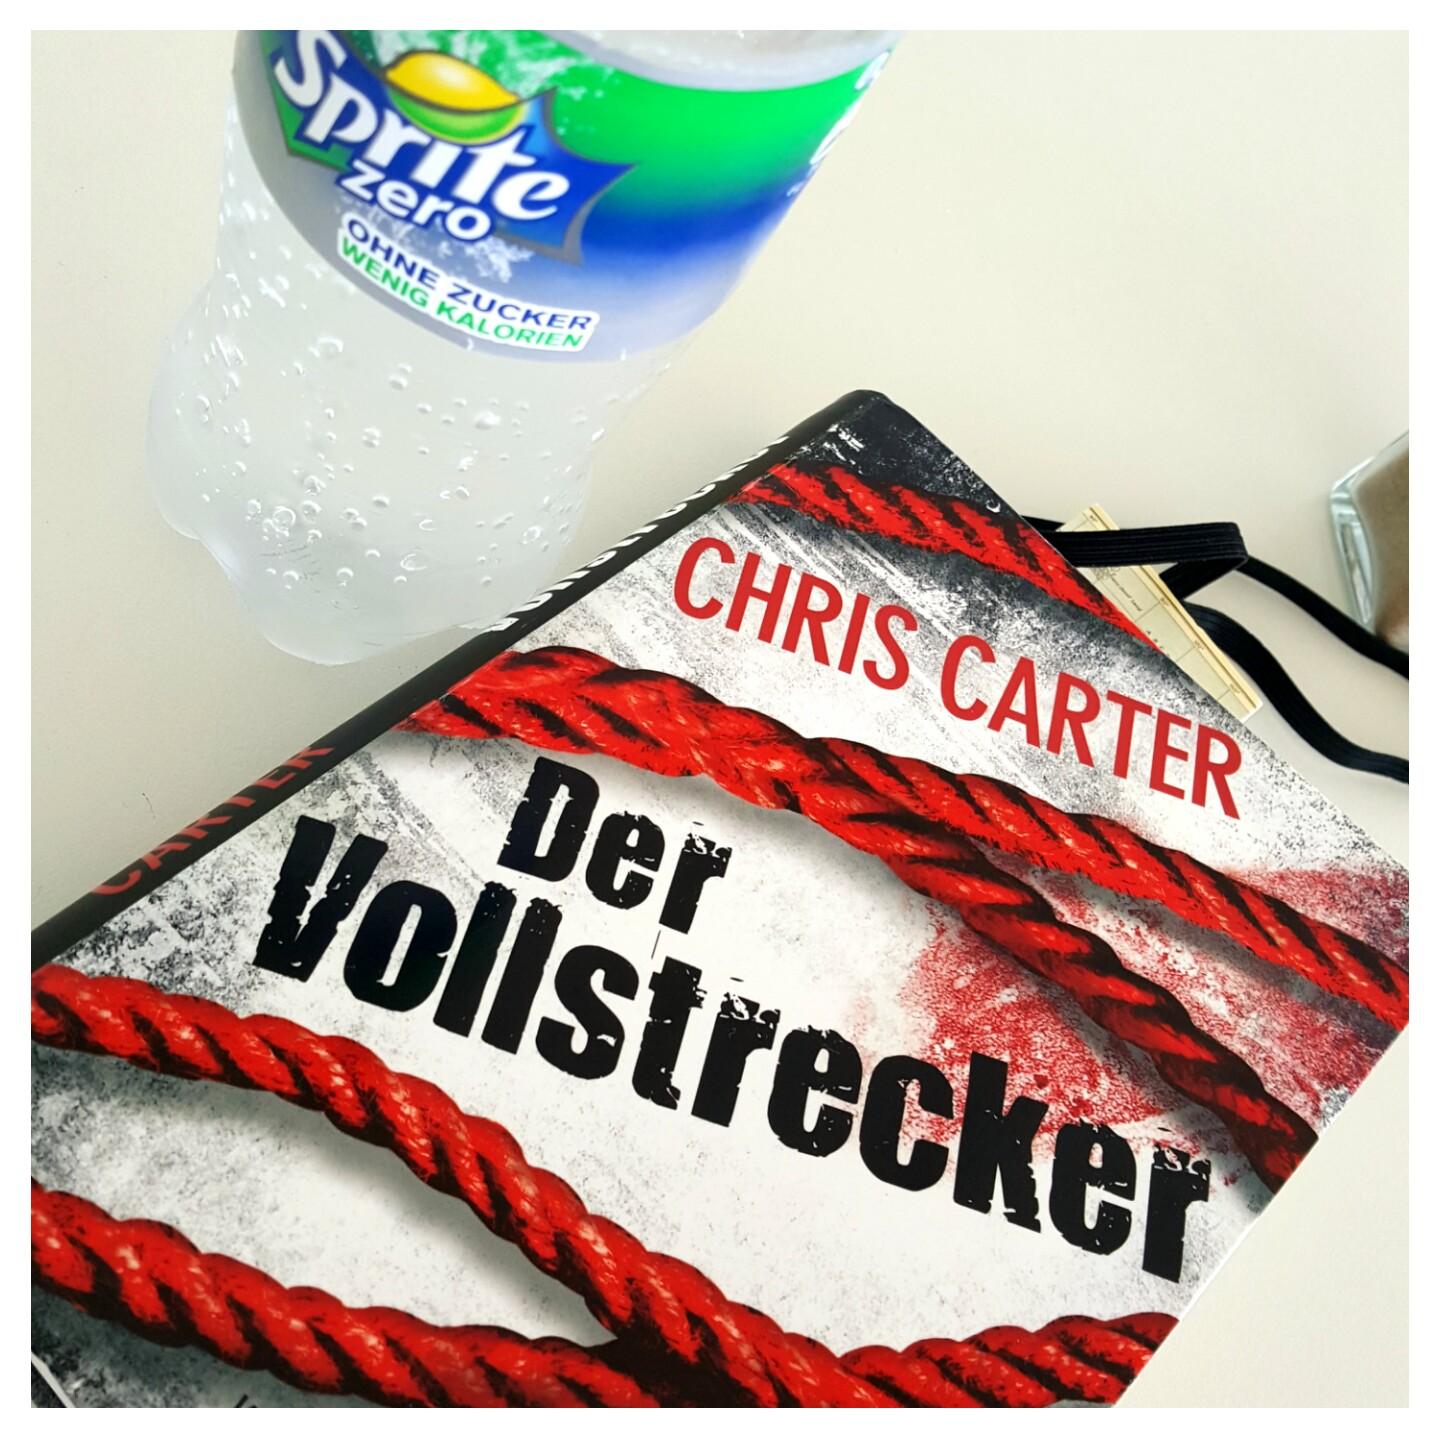 Chris Carter – Der Vollstrecker